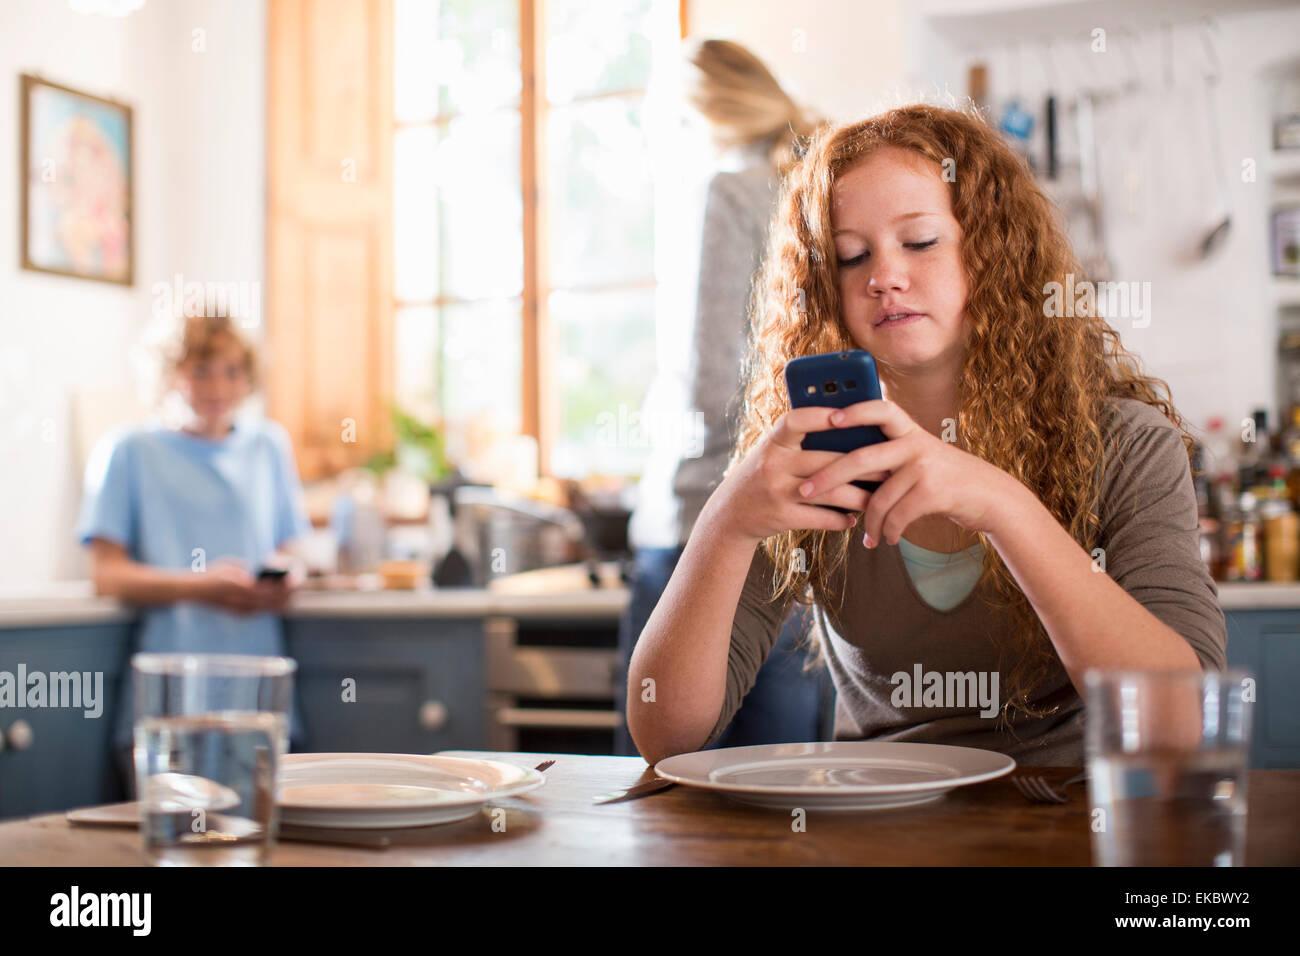 Teenager-Mädchen mit Smartphone am Esstisch Stockbild